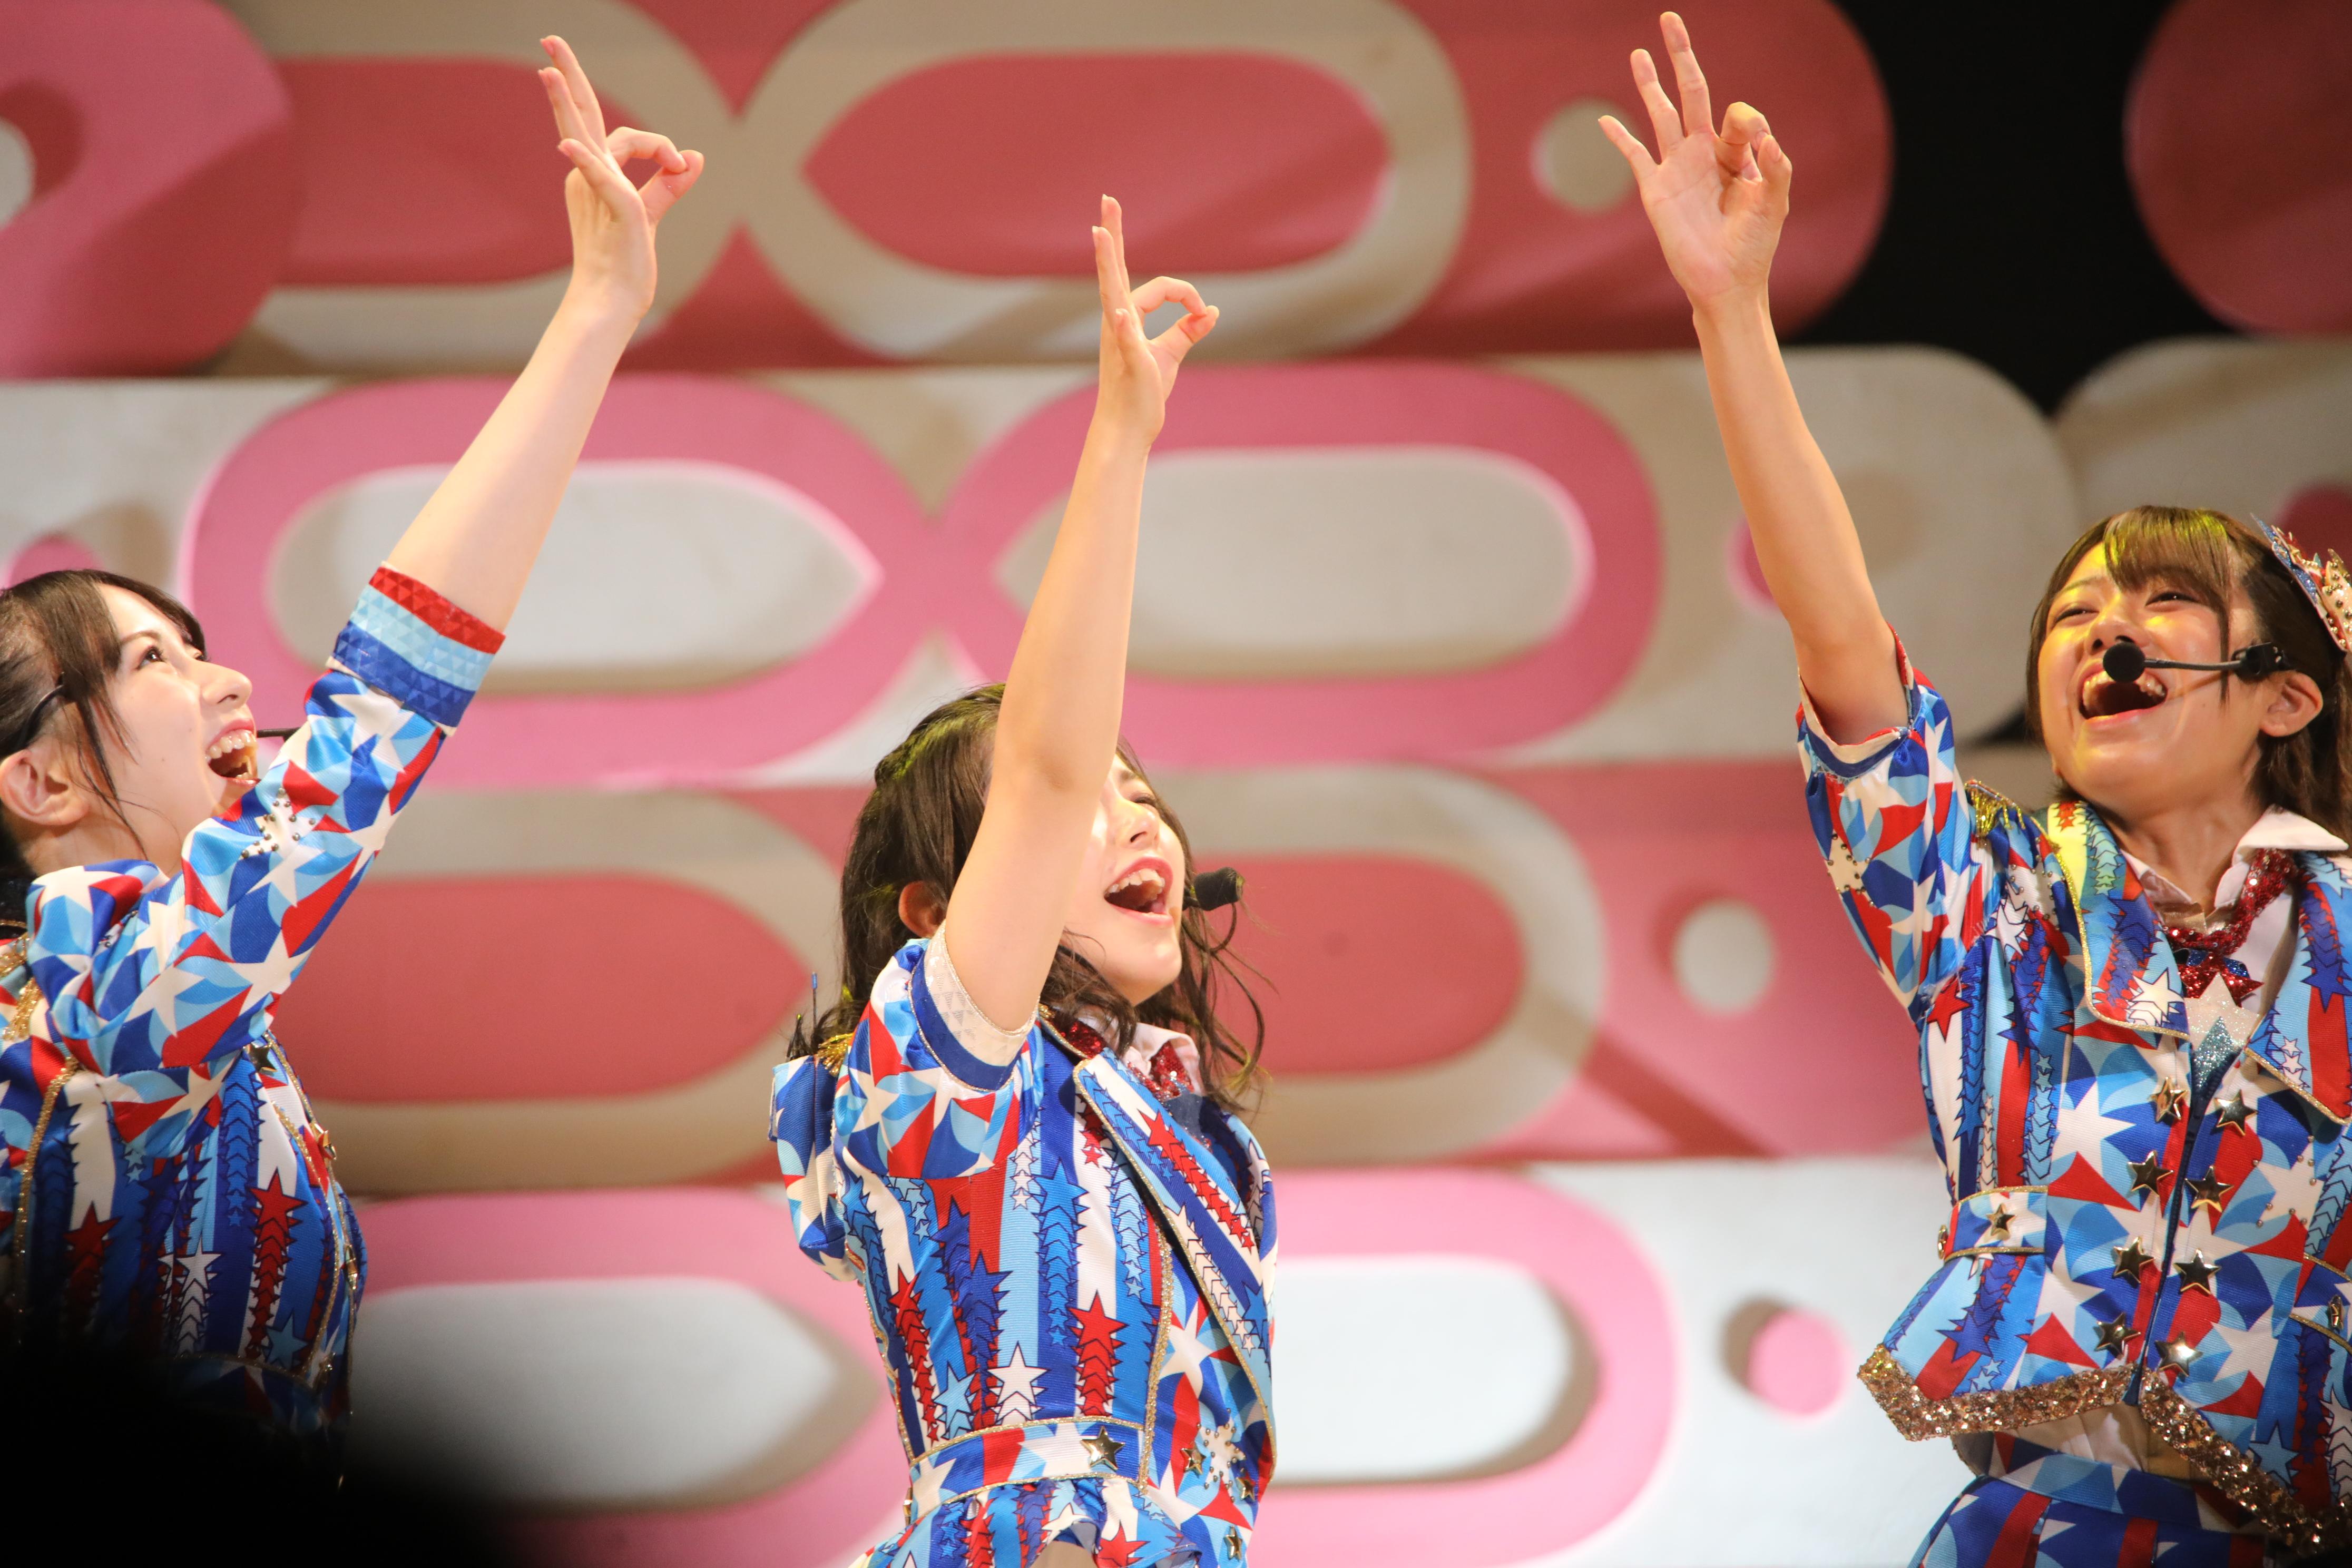 永野芹佳、濵咲友菜、大西桃香「よっしゃ!盛り上げるで!チーム8!」